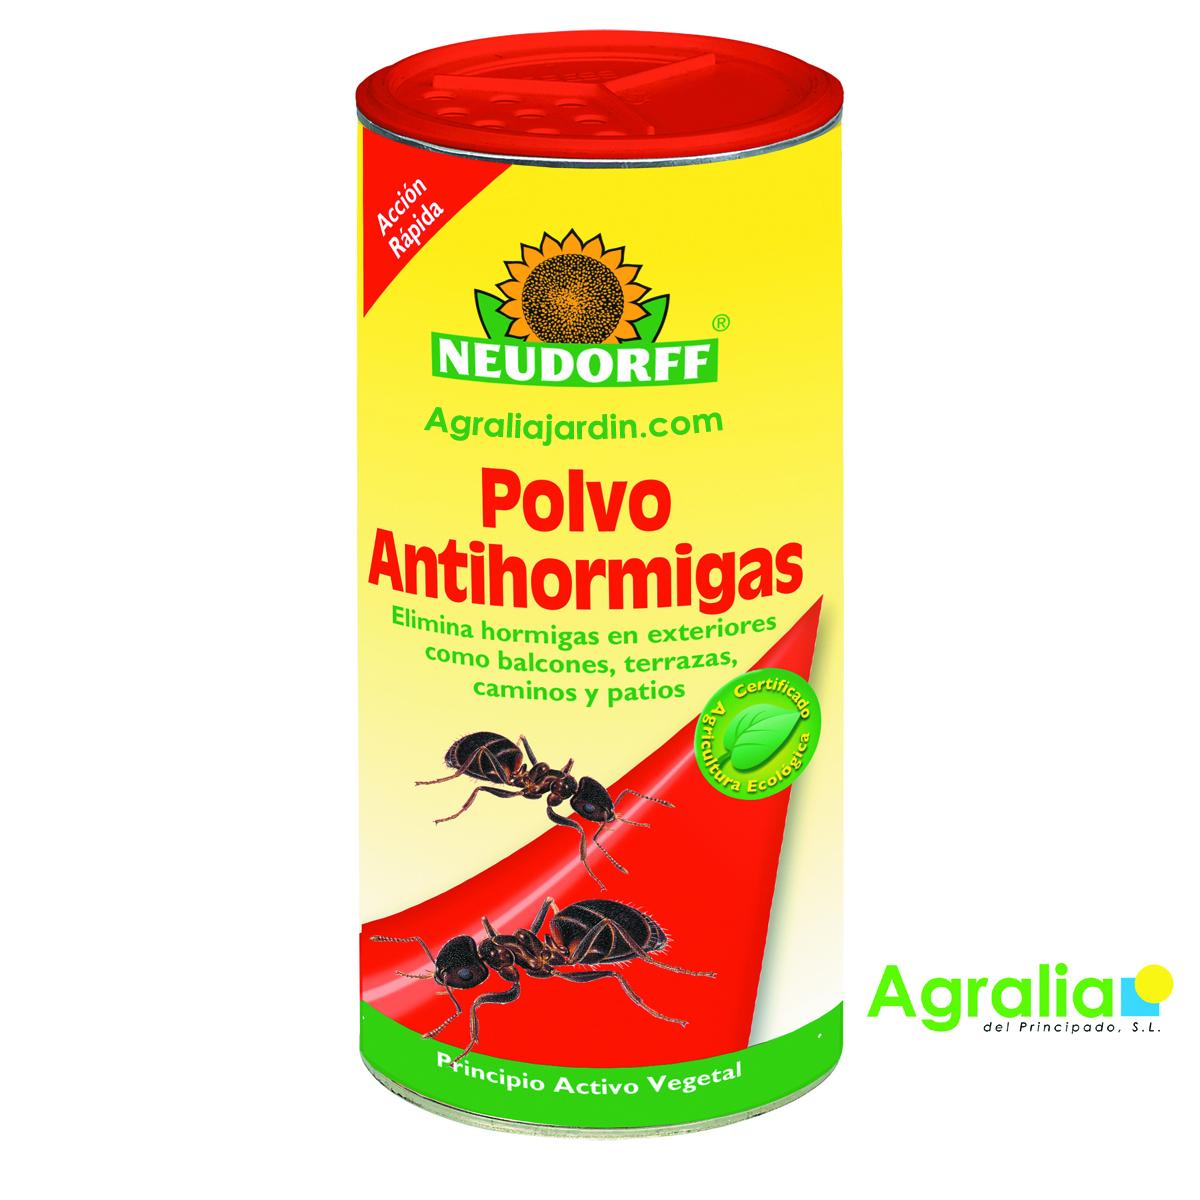 Polvo Anti hormigas neudorf